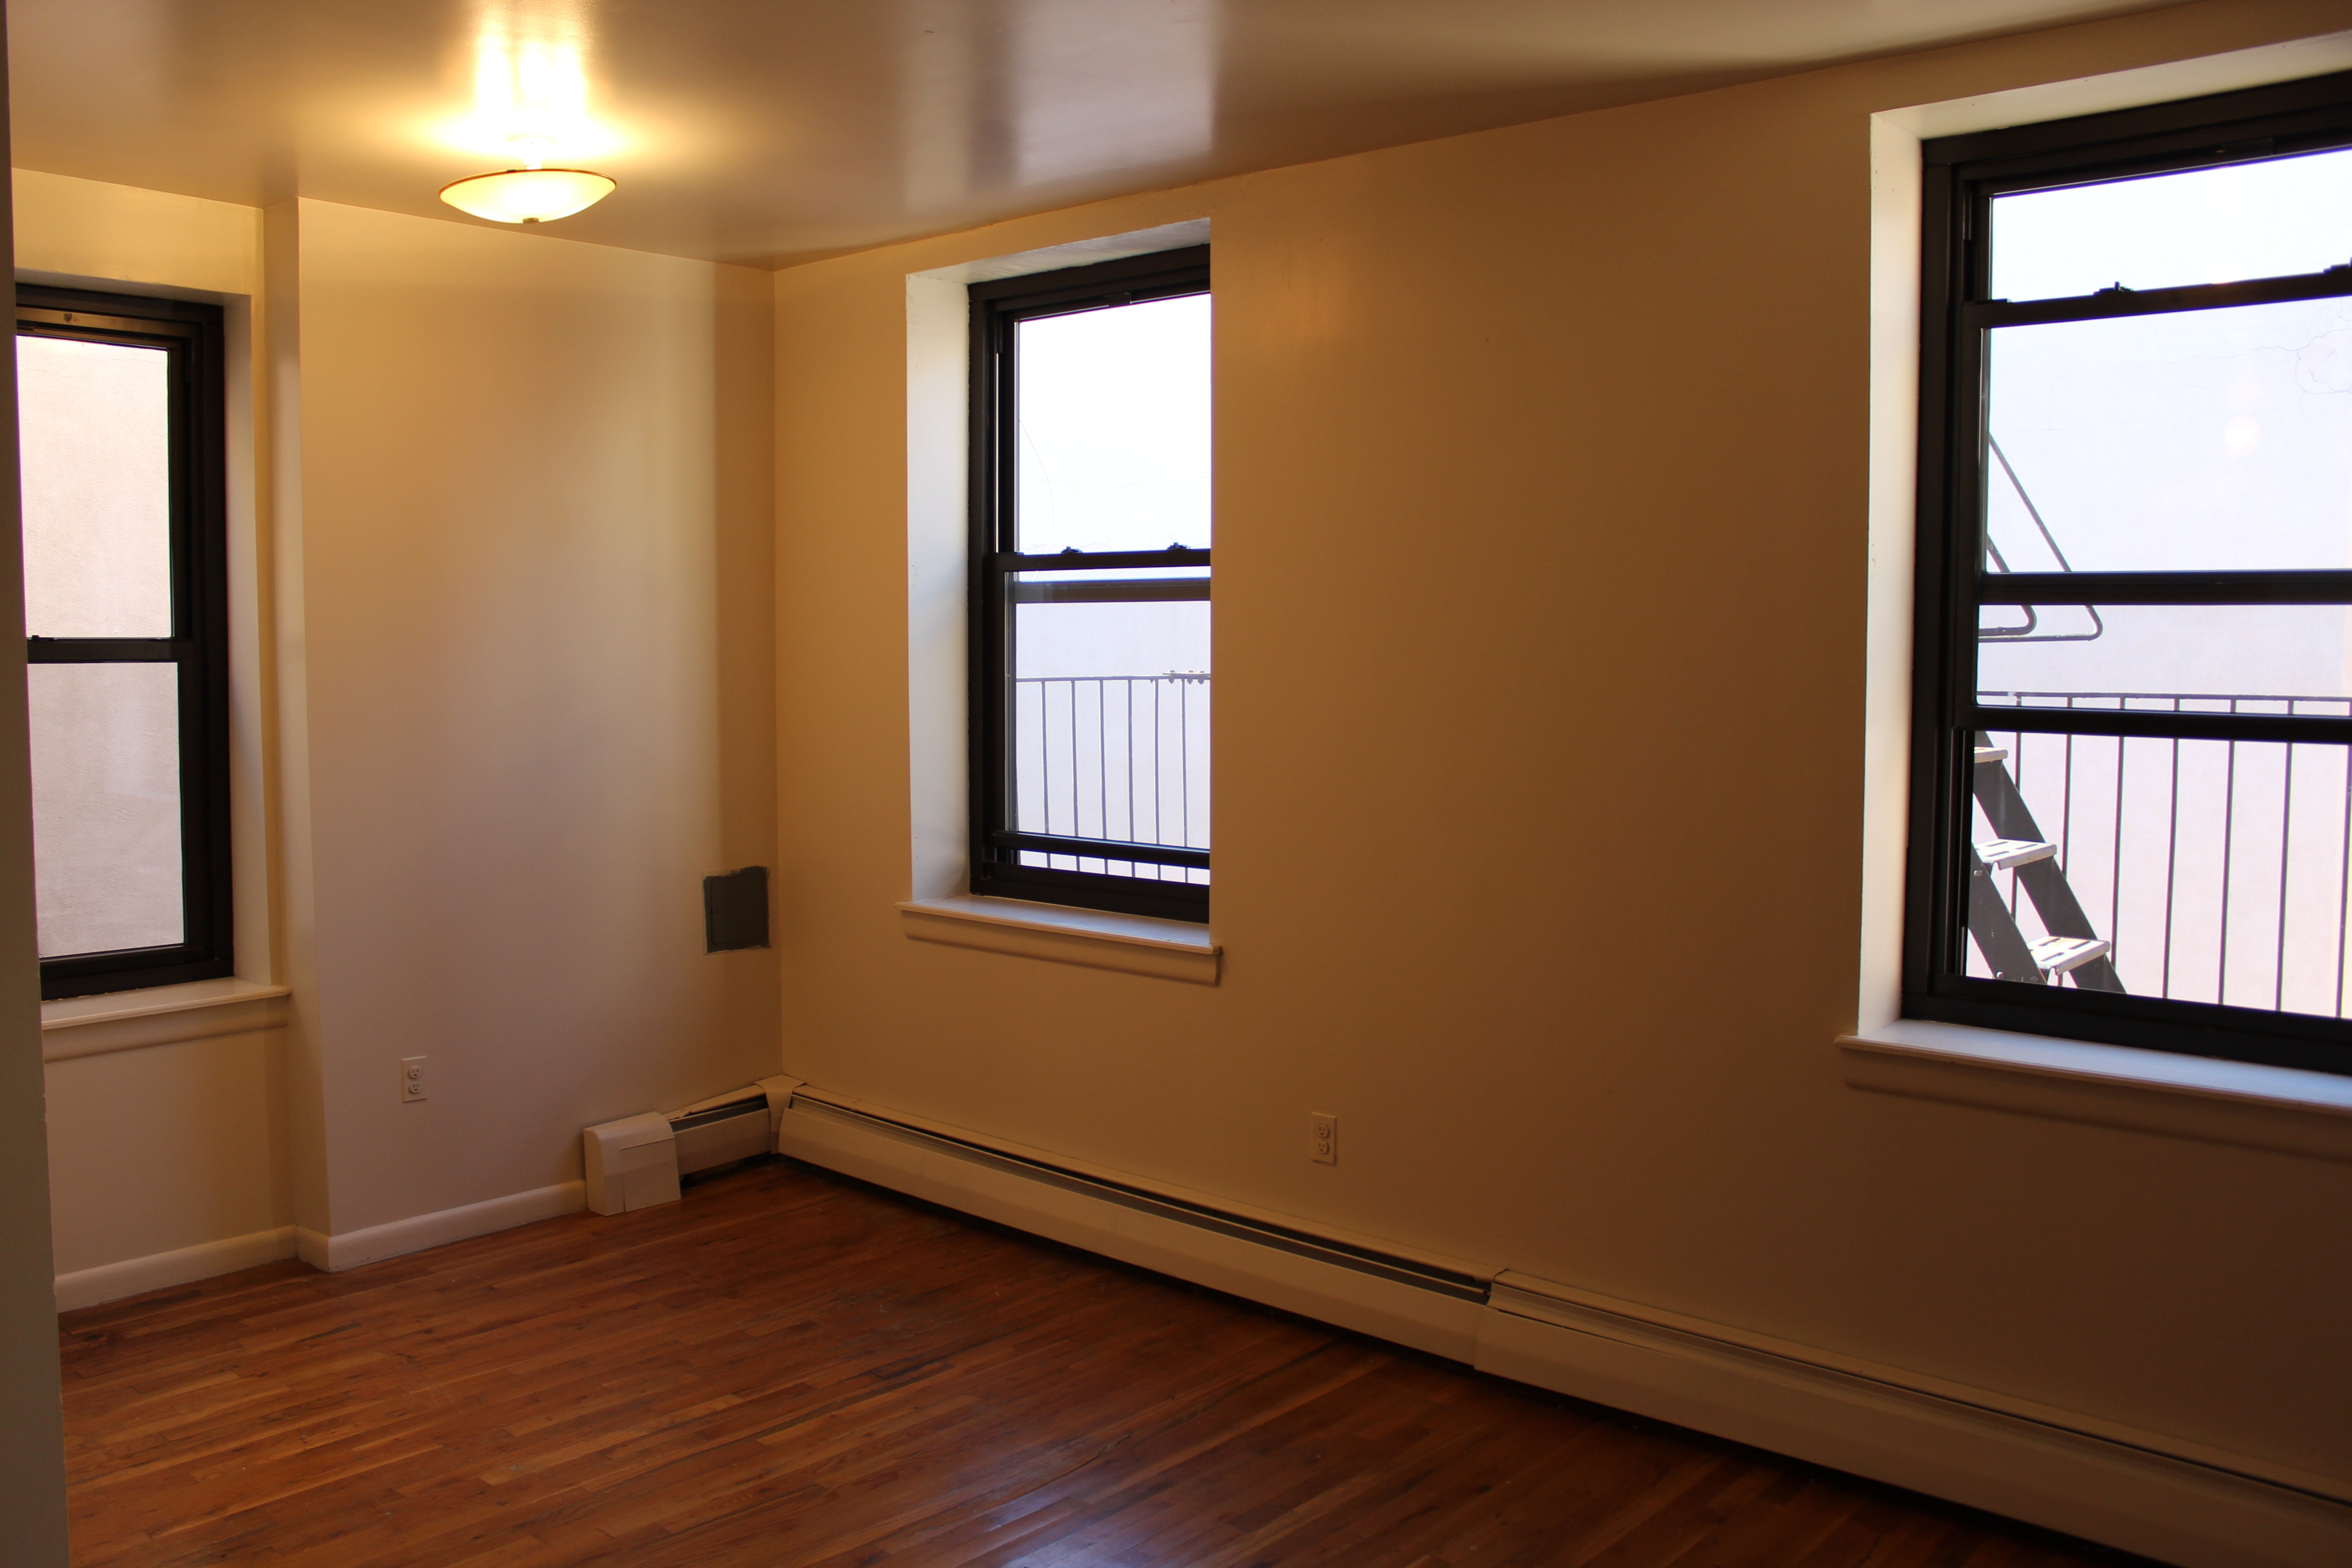 2090 Madison Avenue 2b 2b, New York, NY - USA (photo 2)